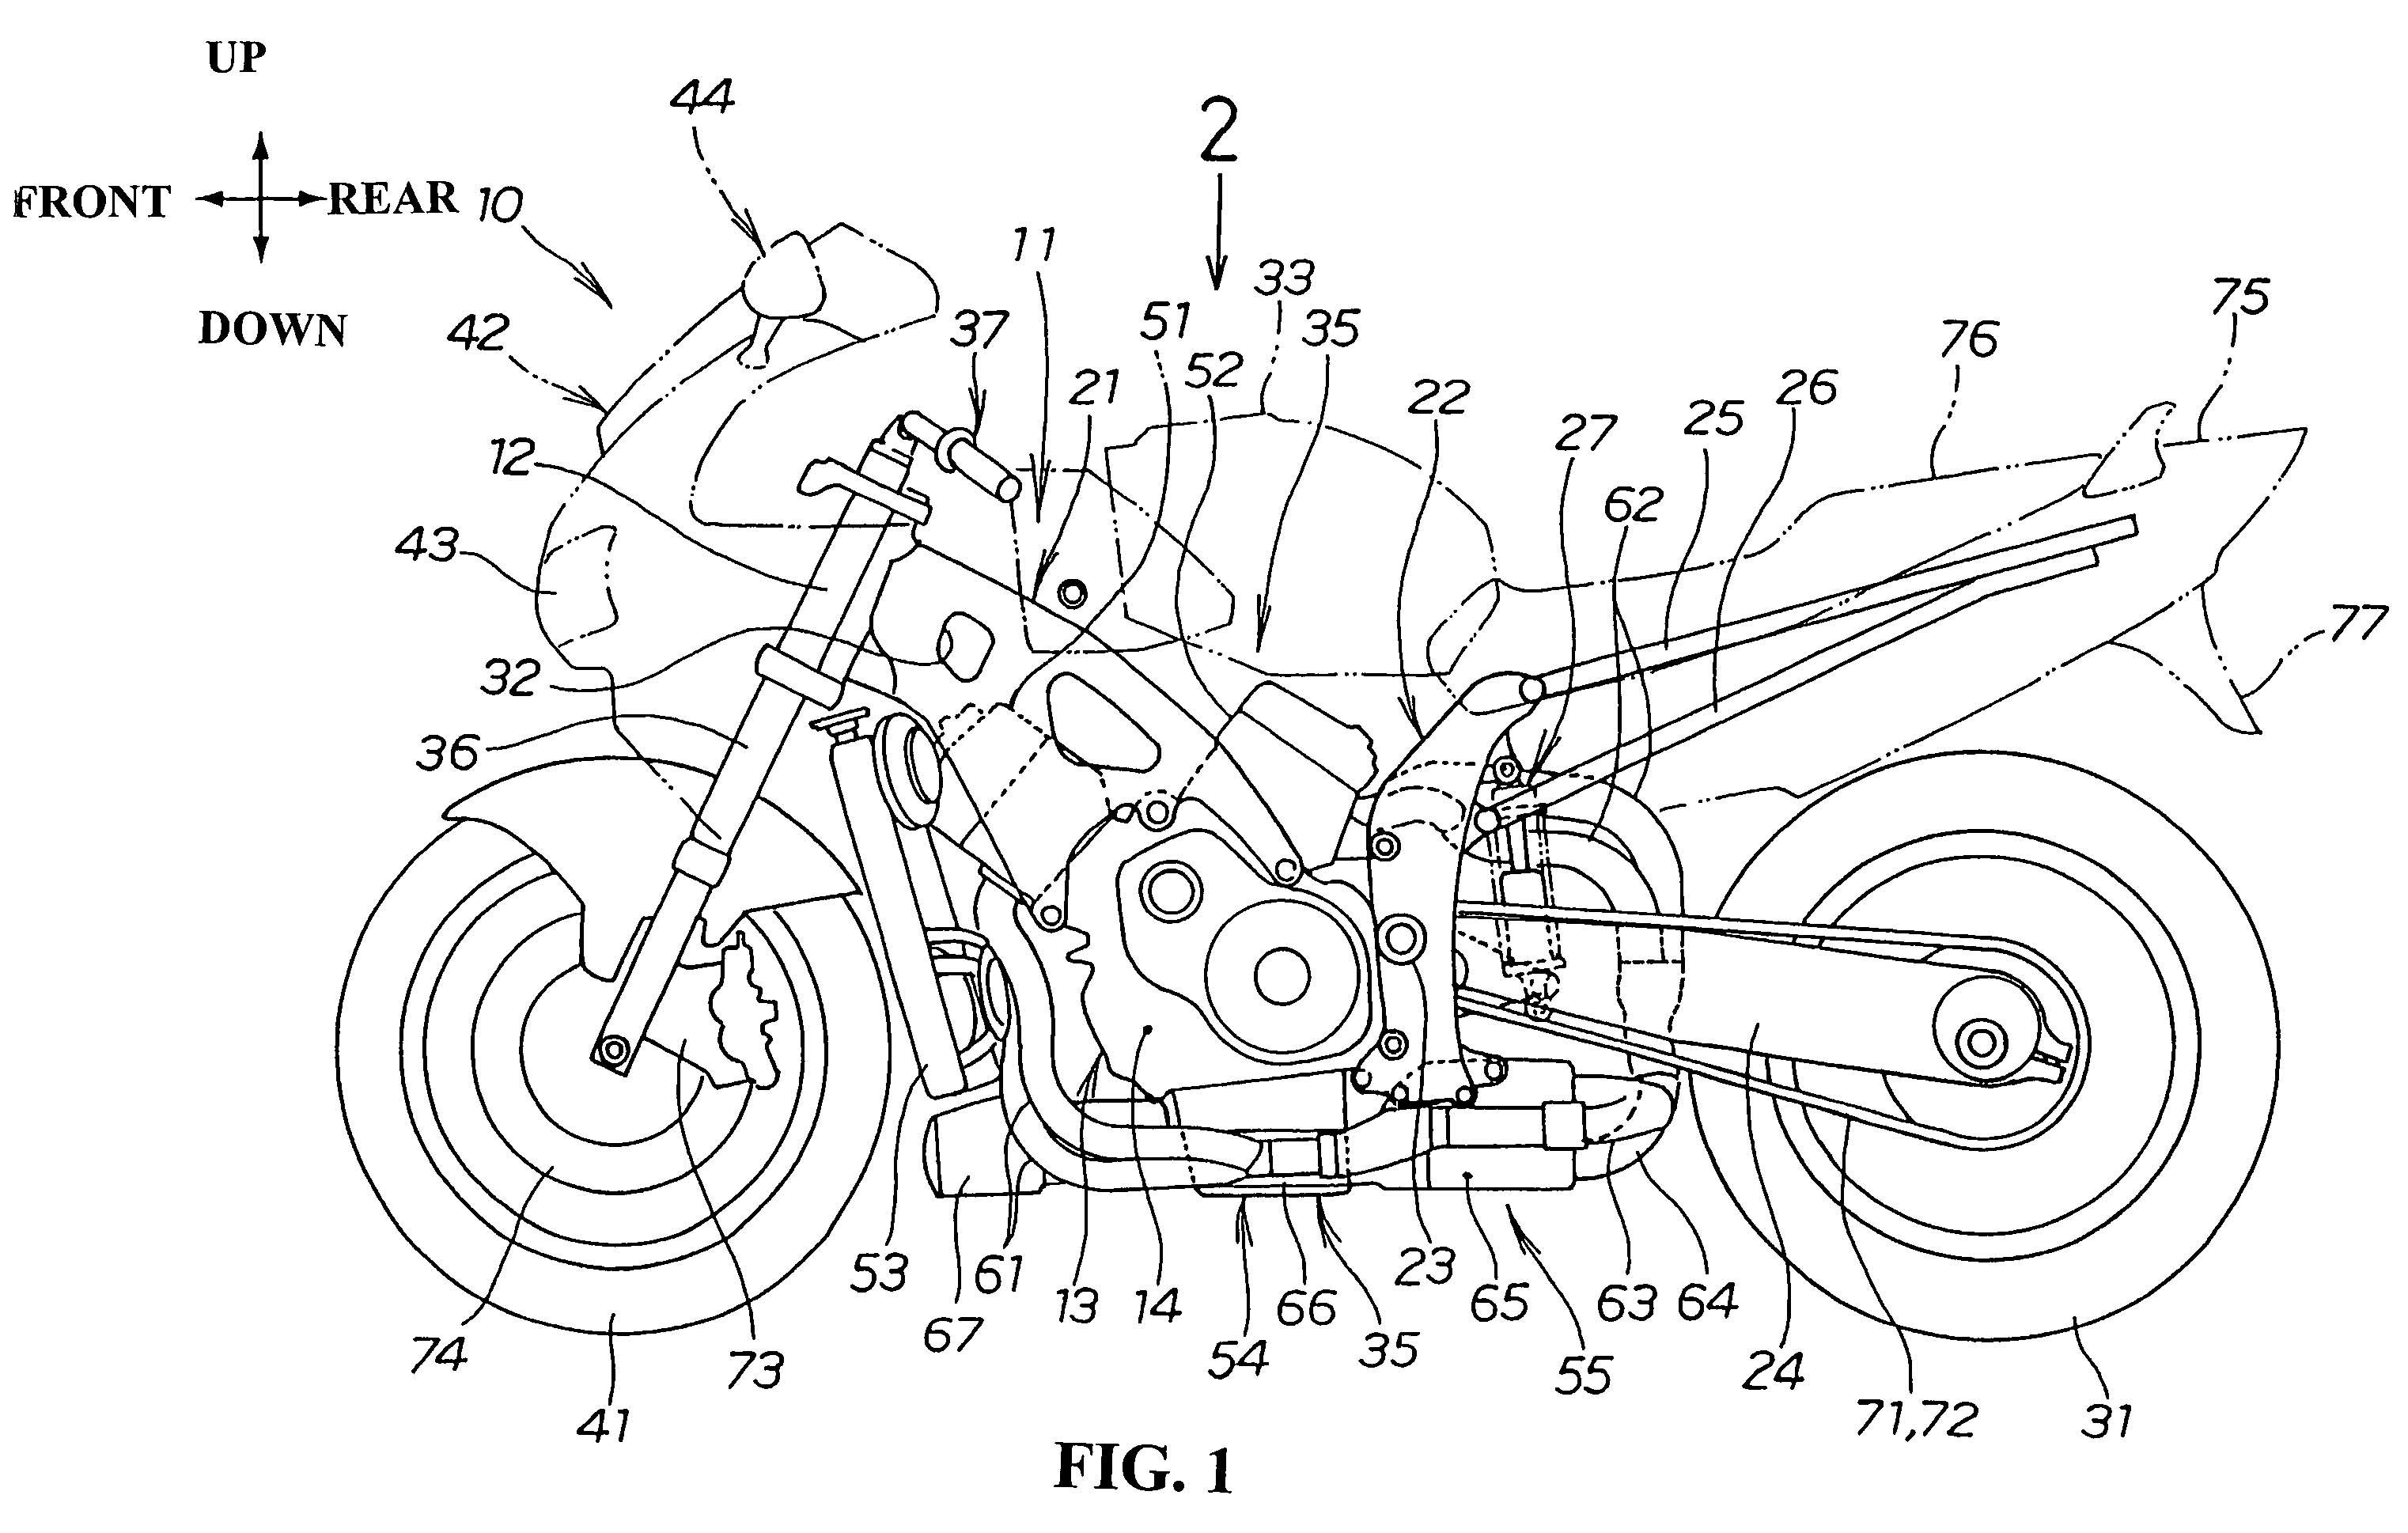 Honda S Forgotten Frameless Chassis Design Patent